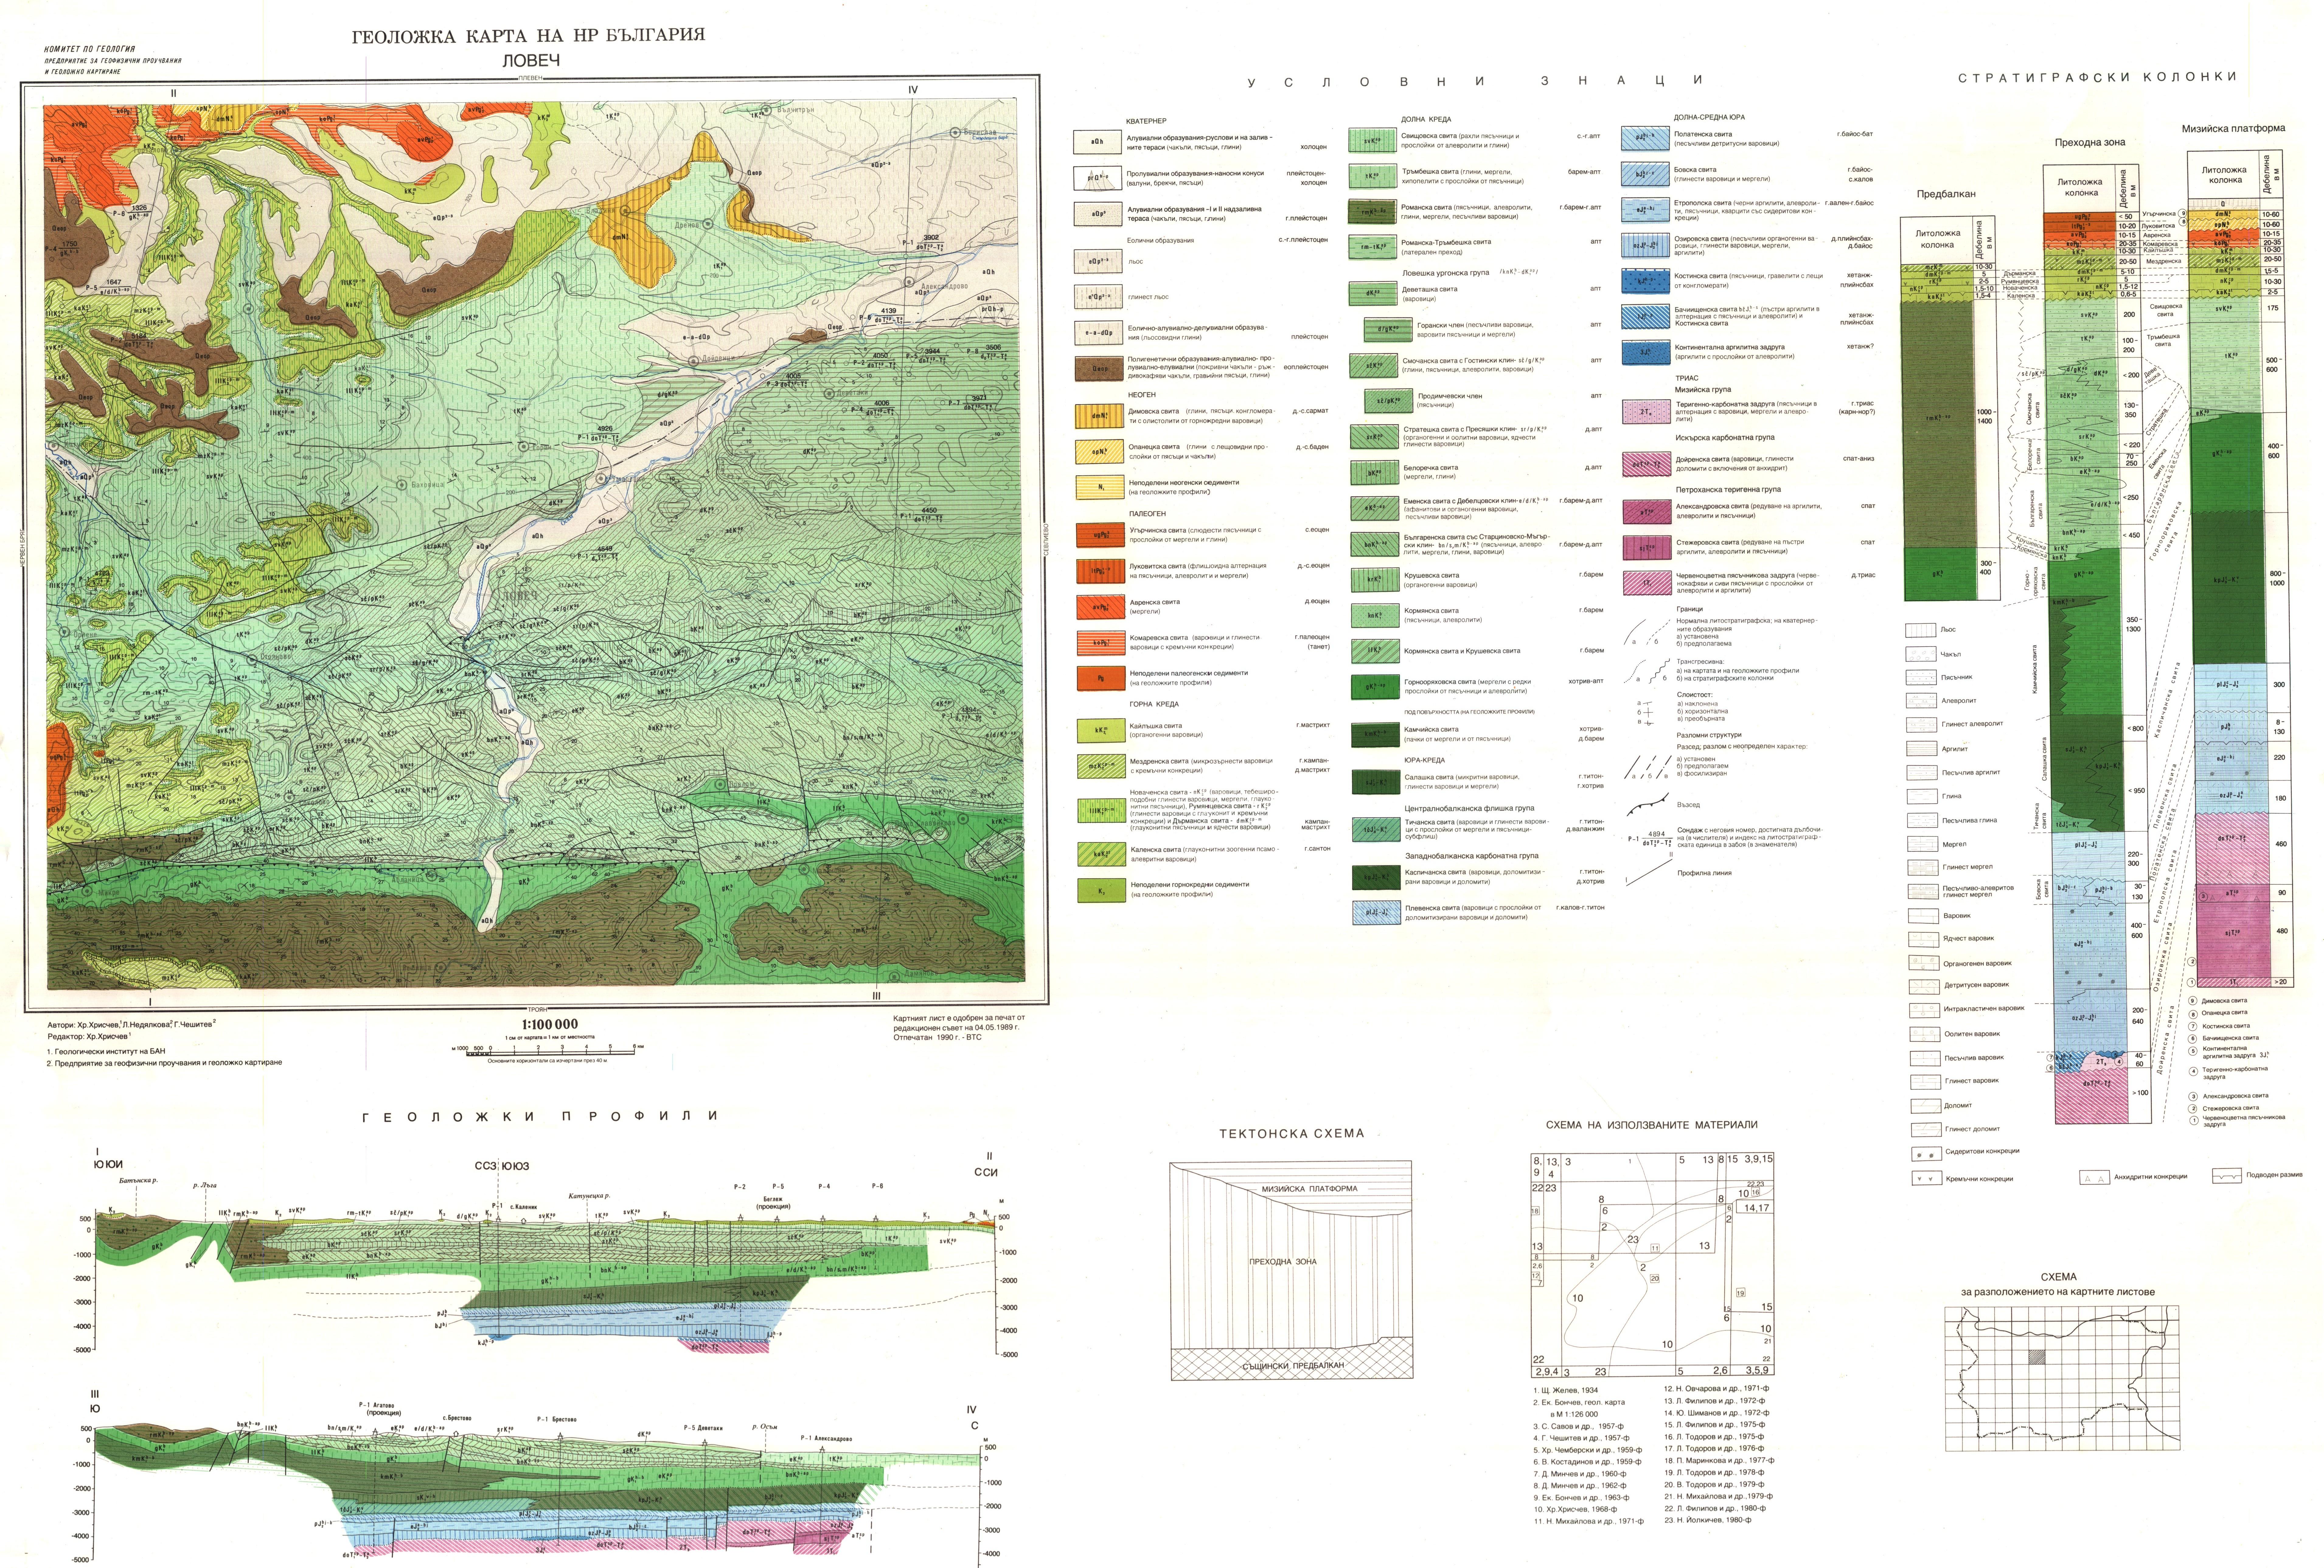 K 35 026 Lovech Geolozhka Karta Na Blgariya Geologicheskij